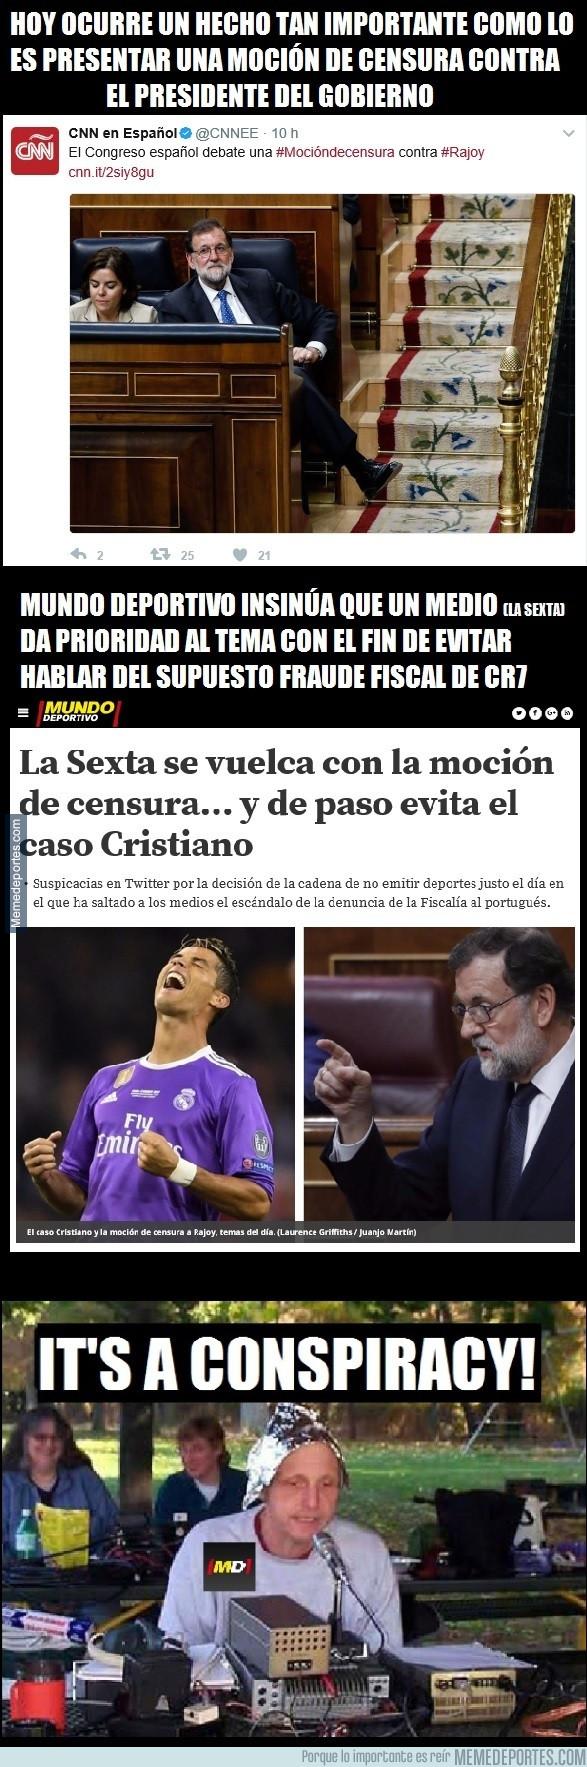 981840 - Mundo Deportivo huele a conspiración